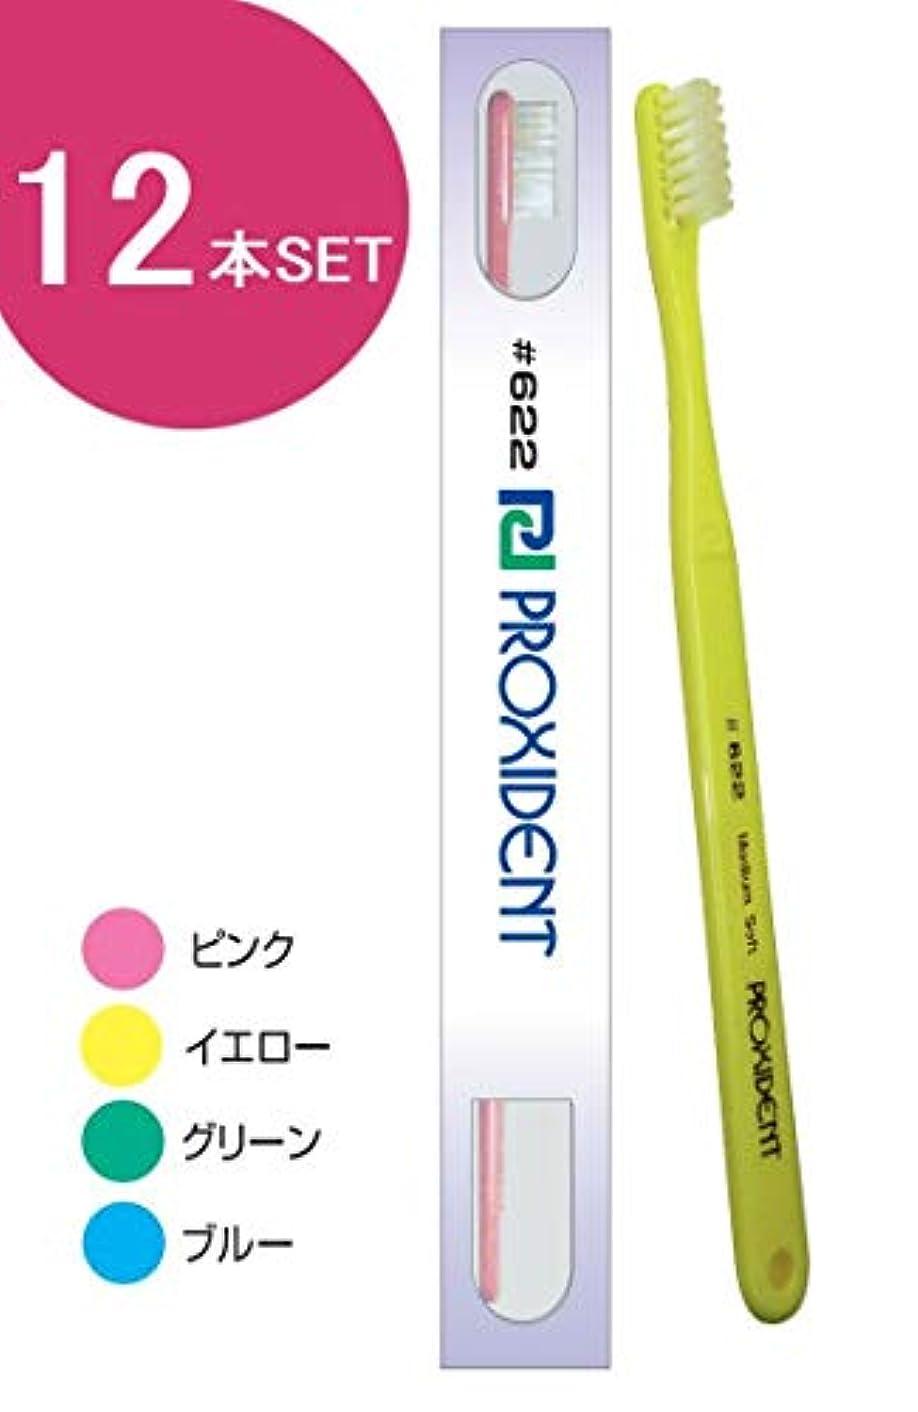 見通しに賛成キロメートルプローデント プロキシデント コンパクトヘッド MS(ミディアムソフト) 歯ブラシ #622 (12本)